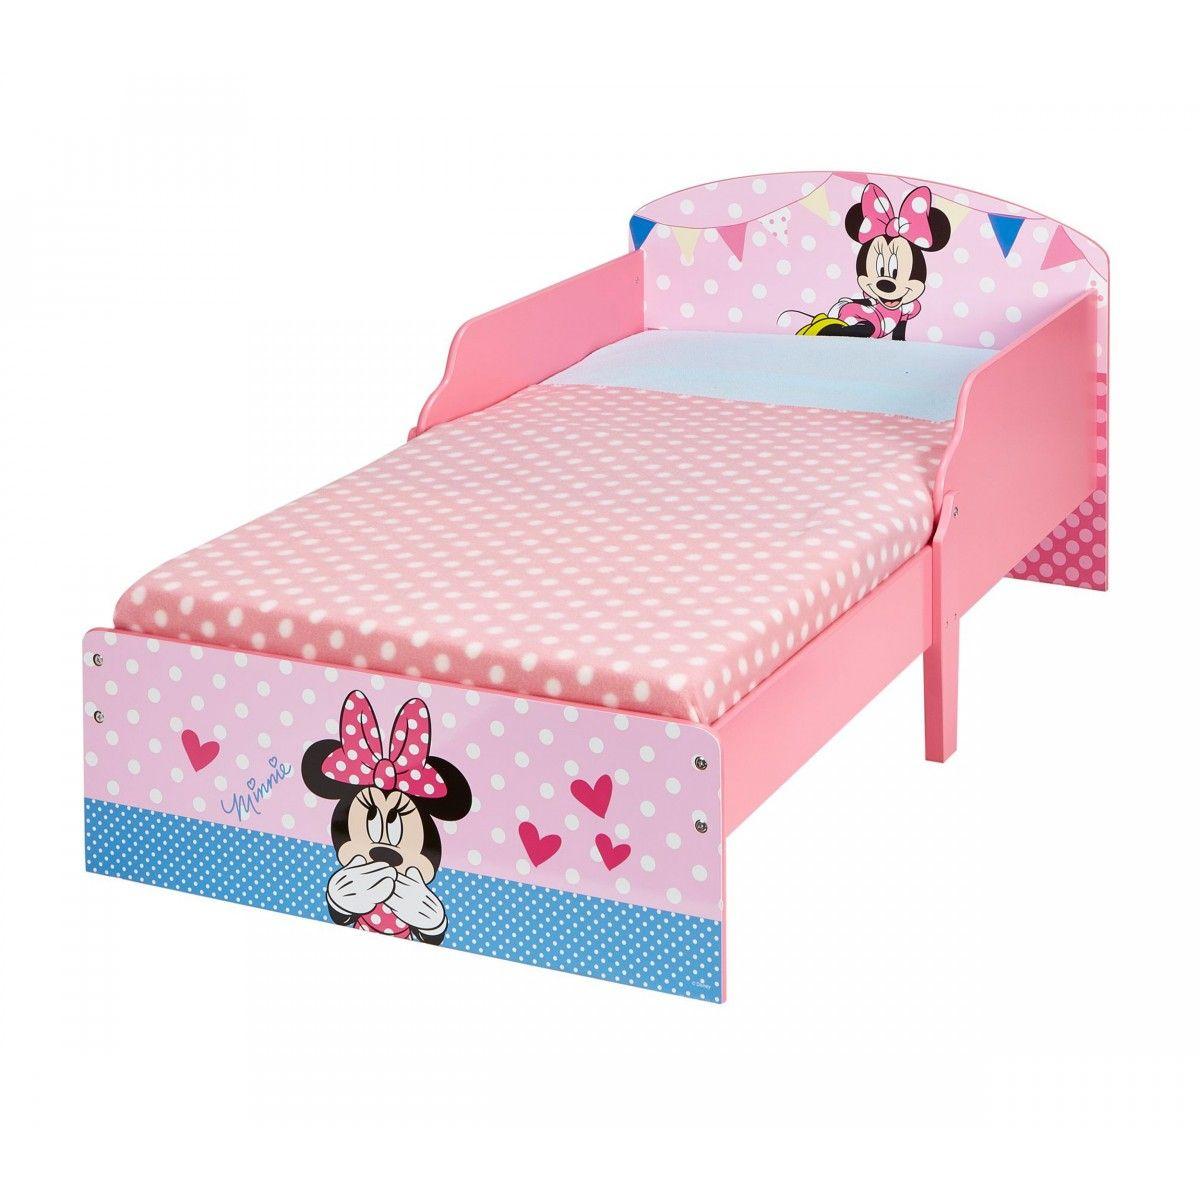 terre lit enfant minnie cosy 70x140 de nuit. Black Bedroom Furniture Sets. Home Design Ideas